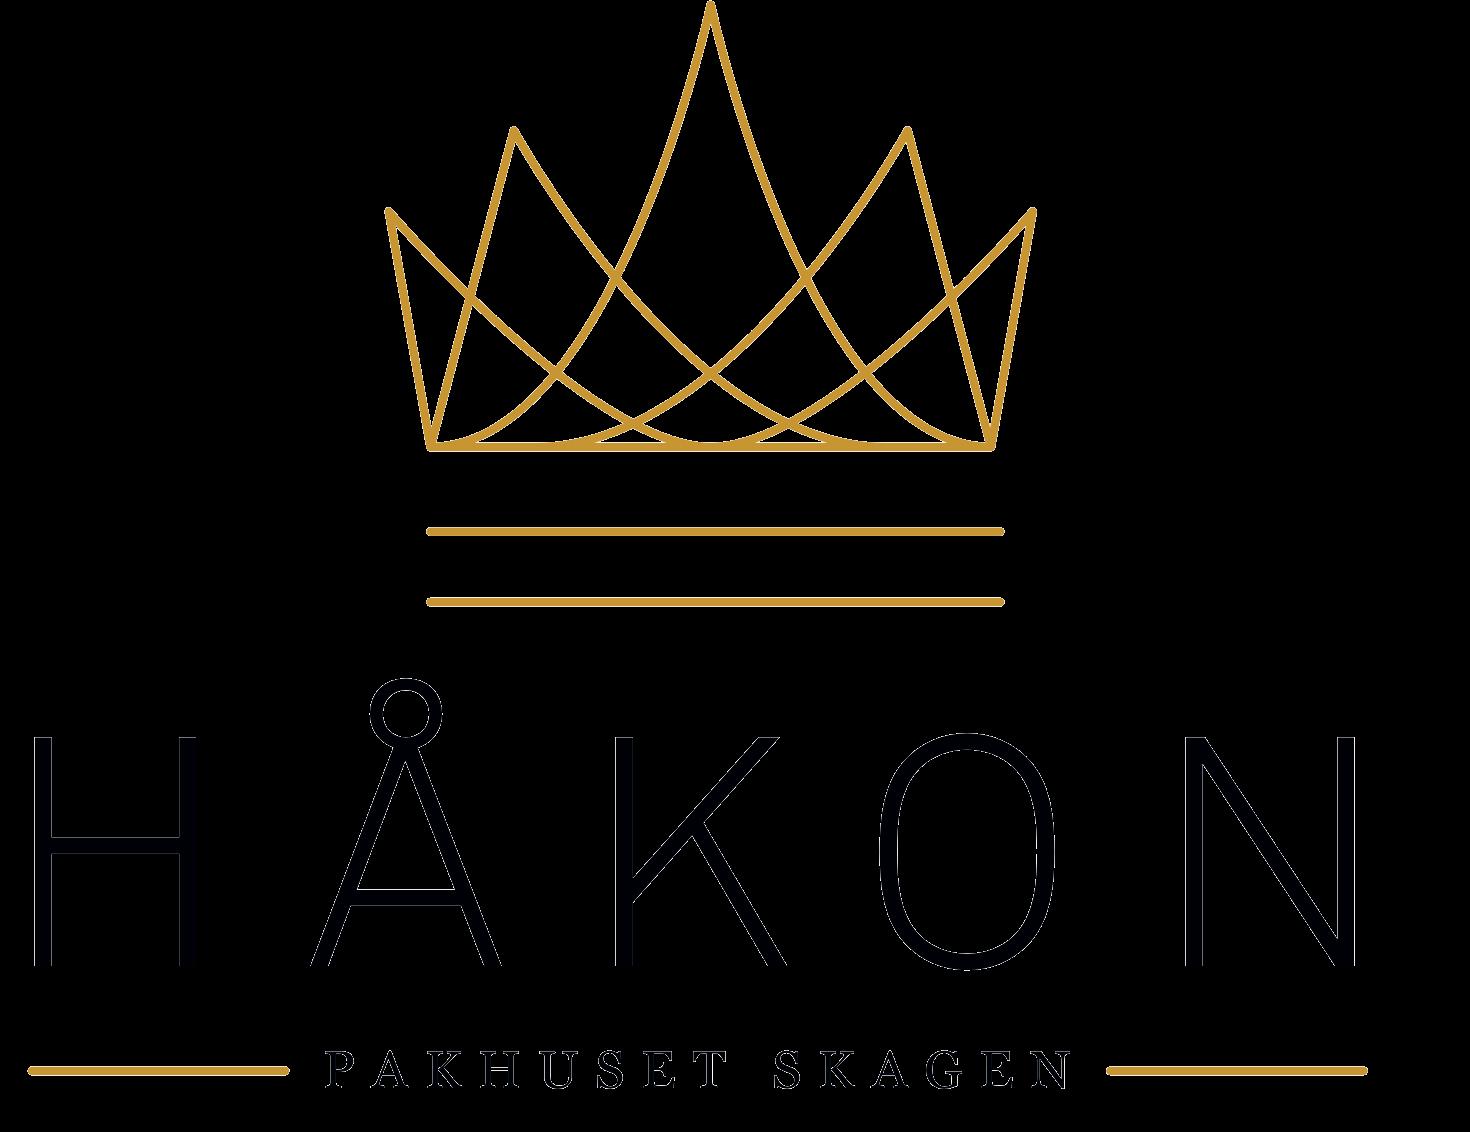 håkon-logo-final-u bagg.png